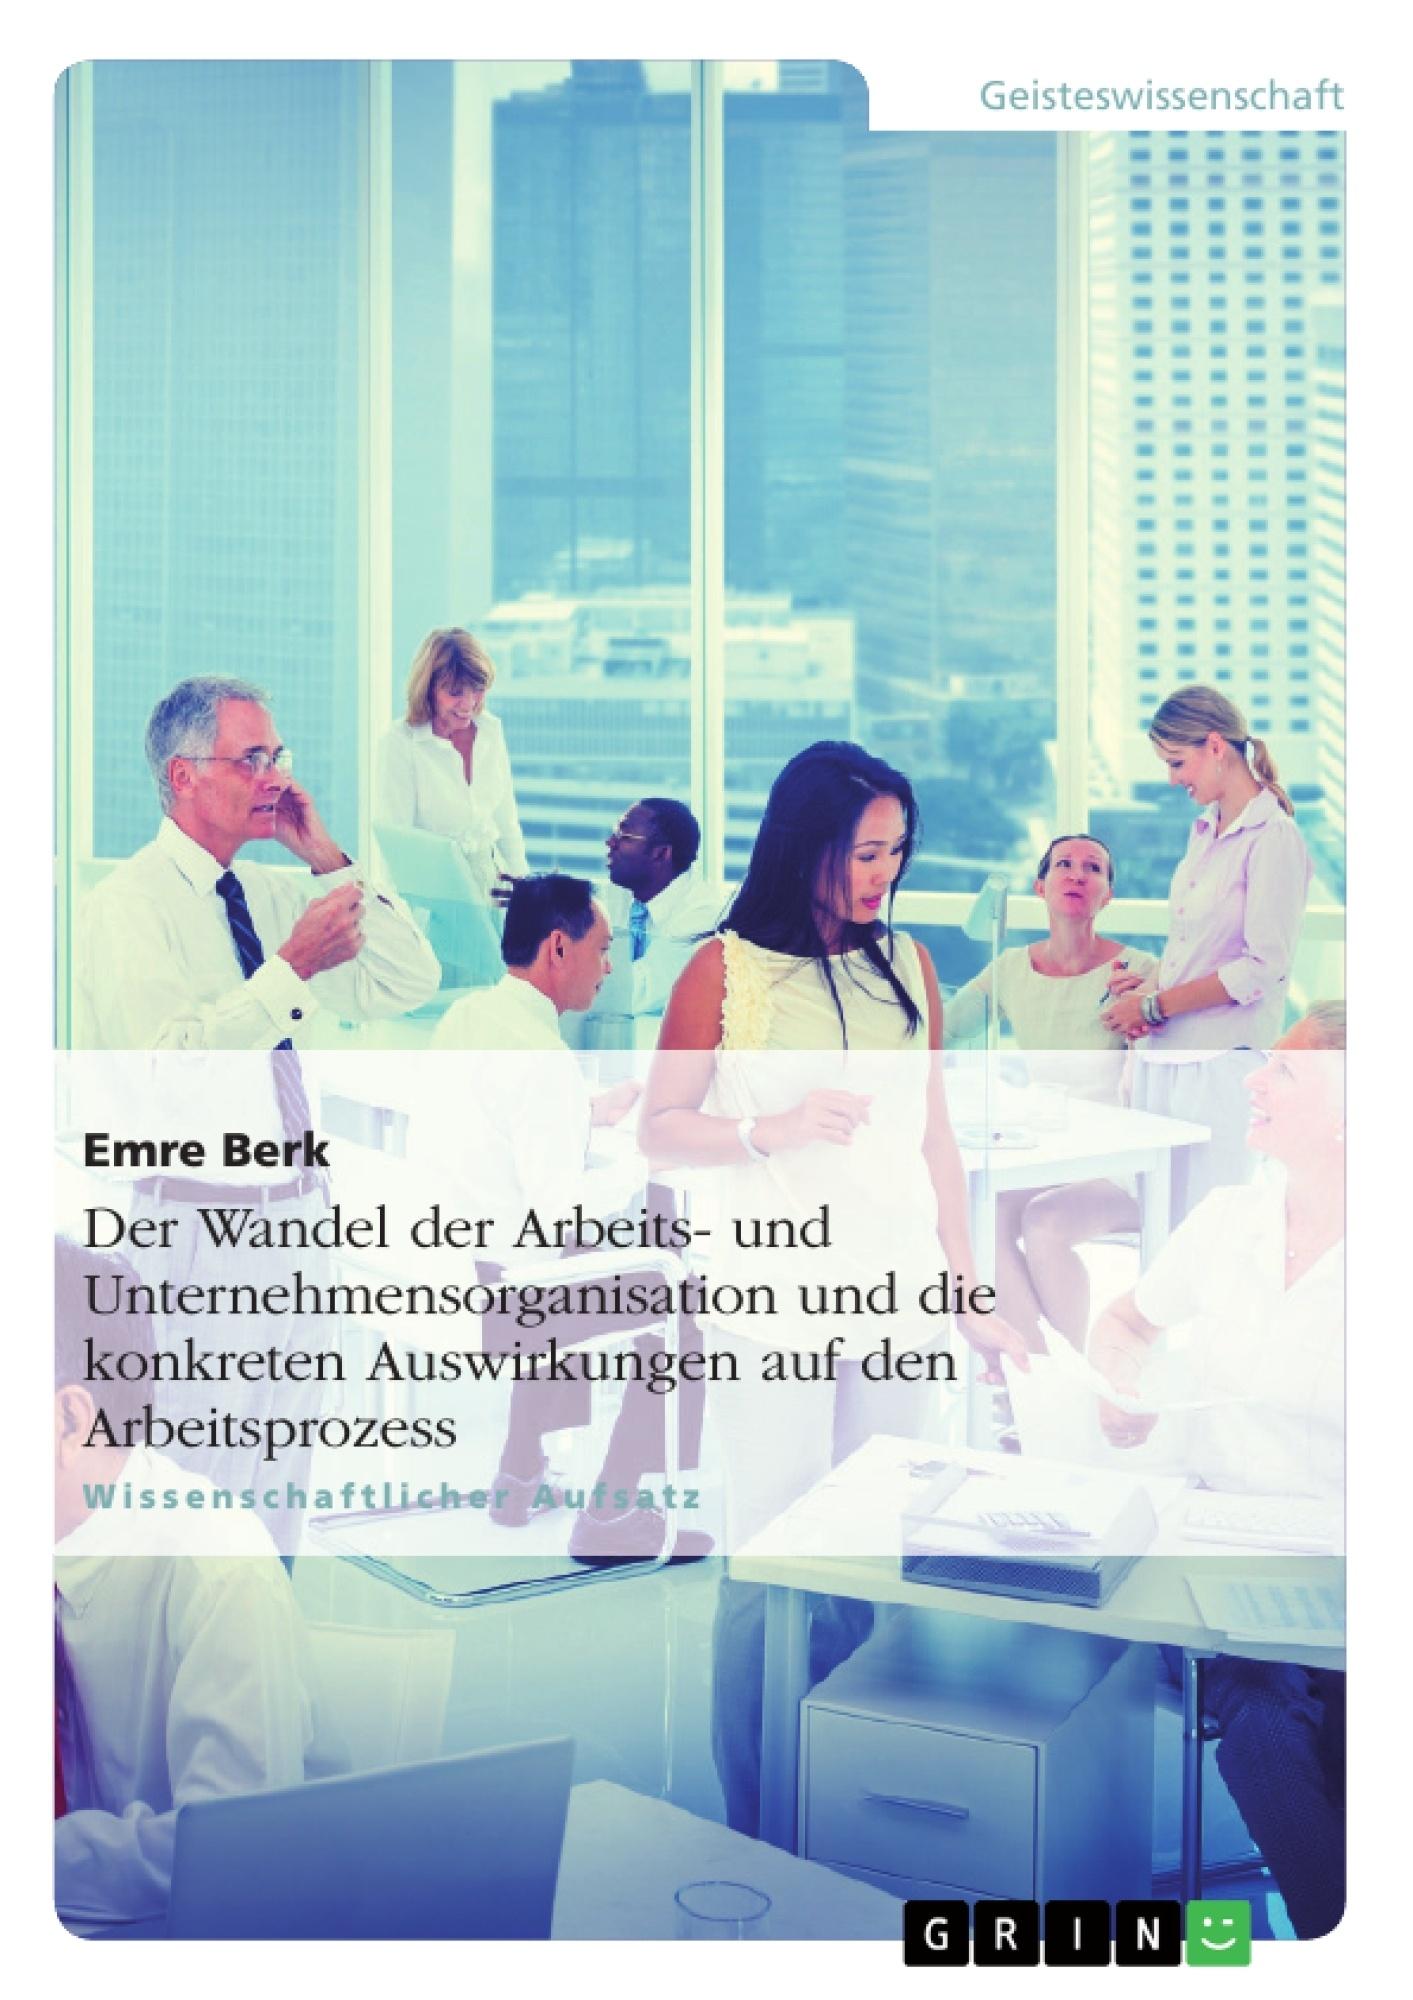 Titel: Der Wandel der Arbeits- und Unternehmensorganisation und die konkreten Auswirkungen auf den Arbeitsprozess